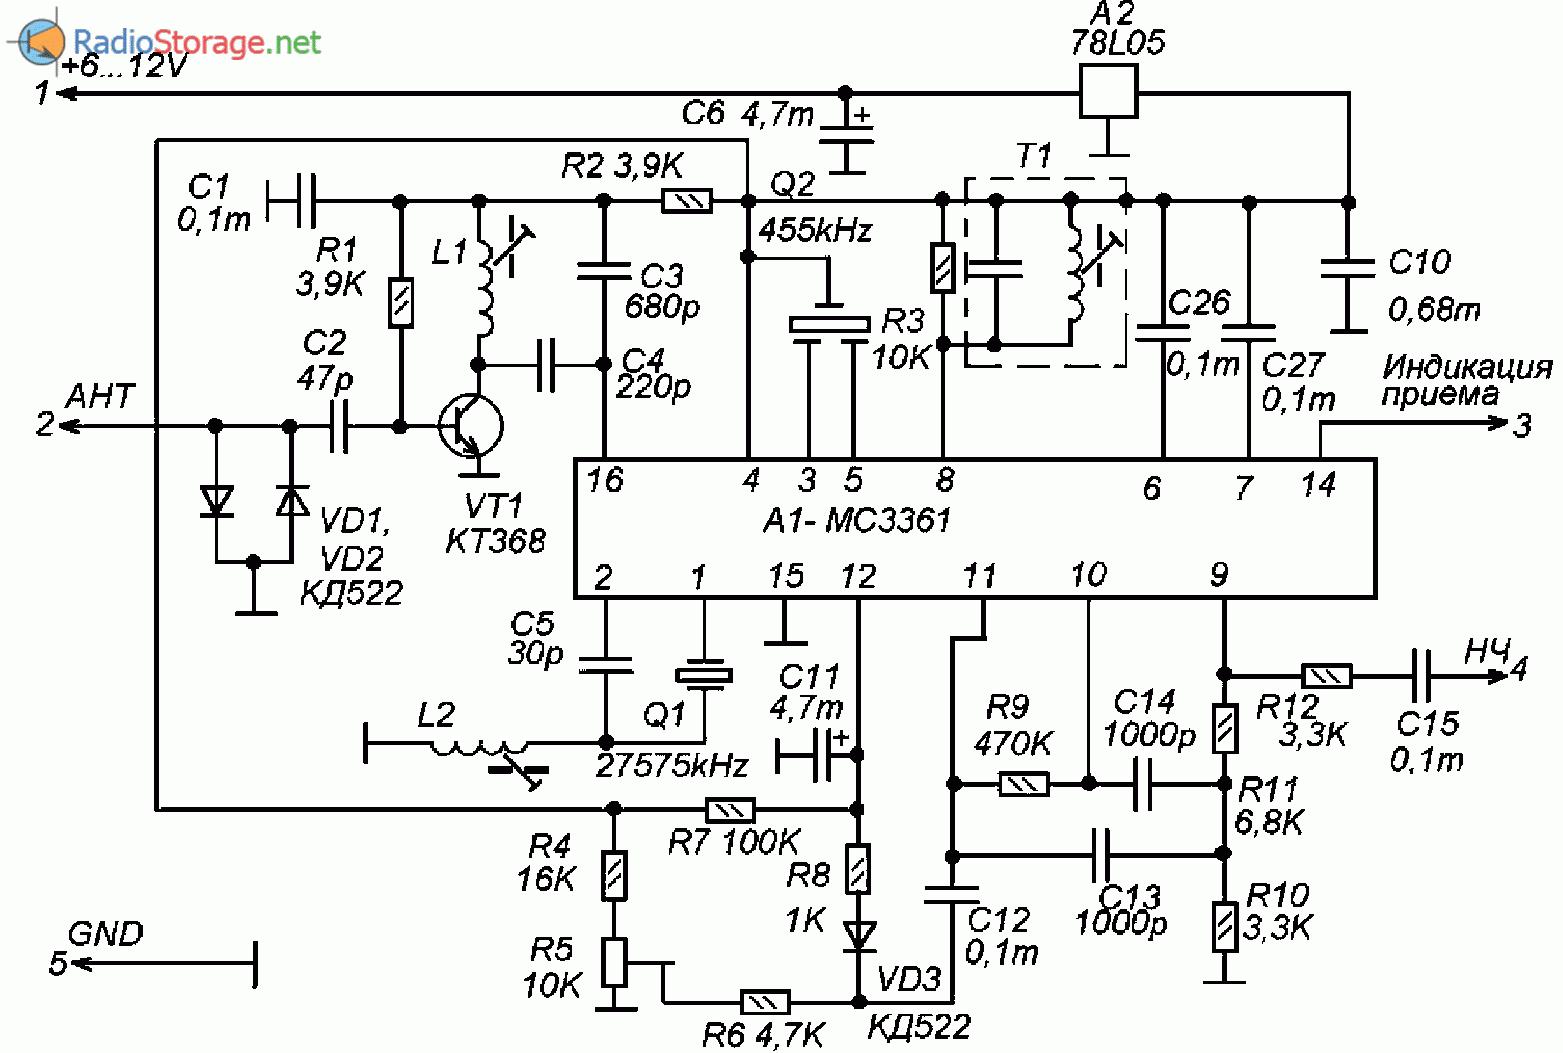 схема модуля цифрового приемника